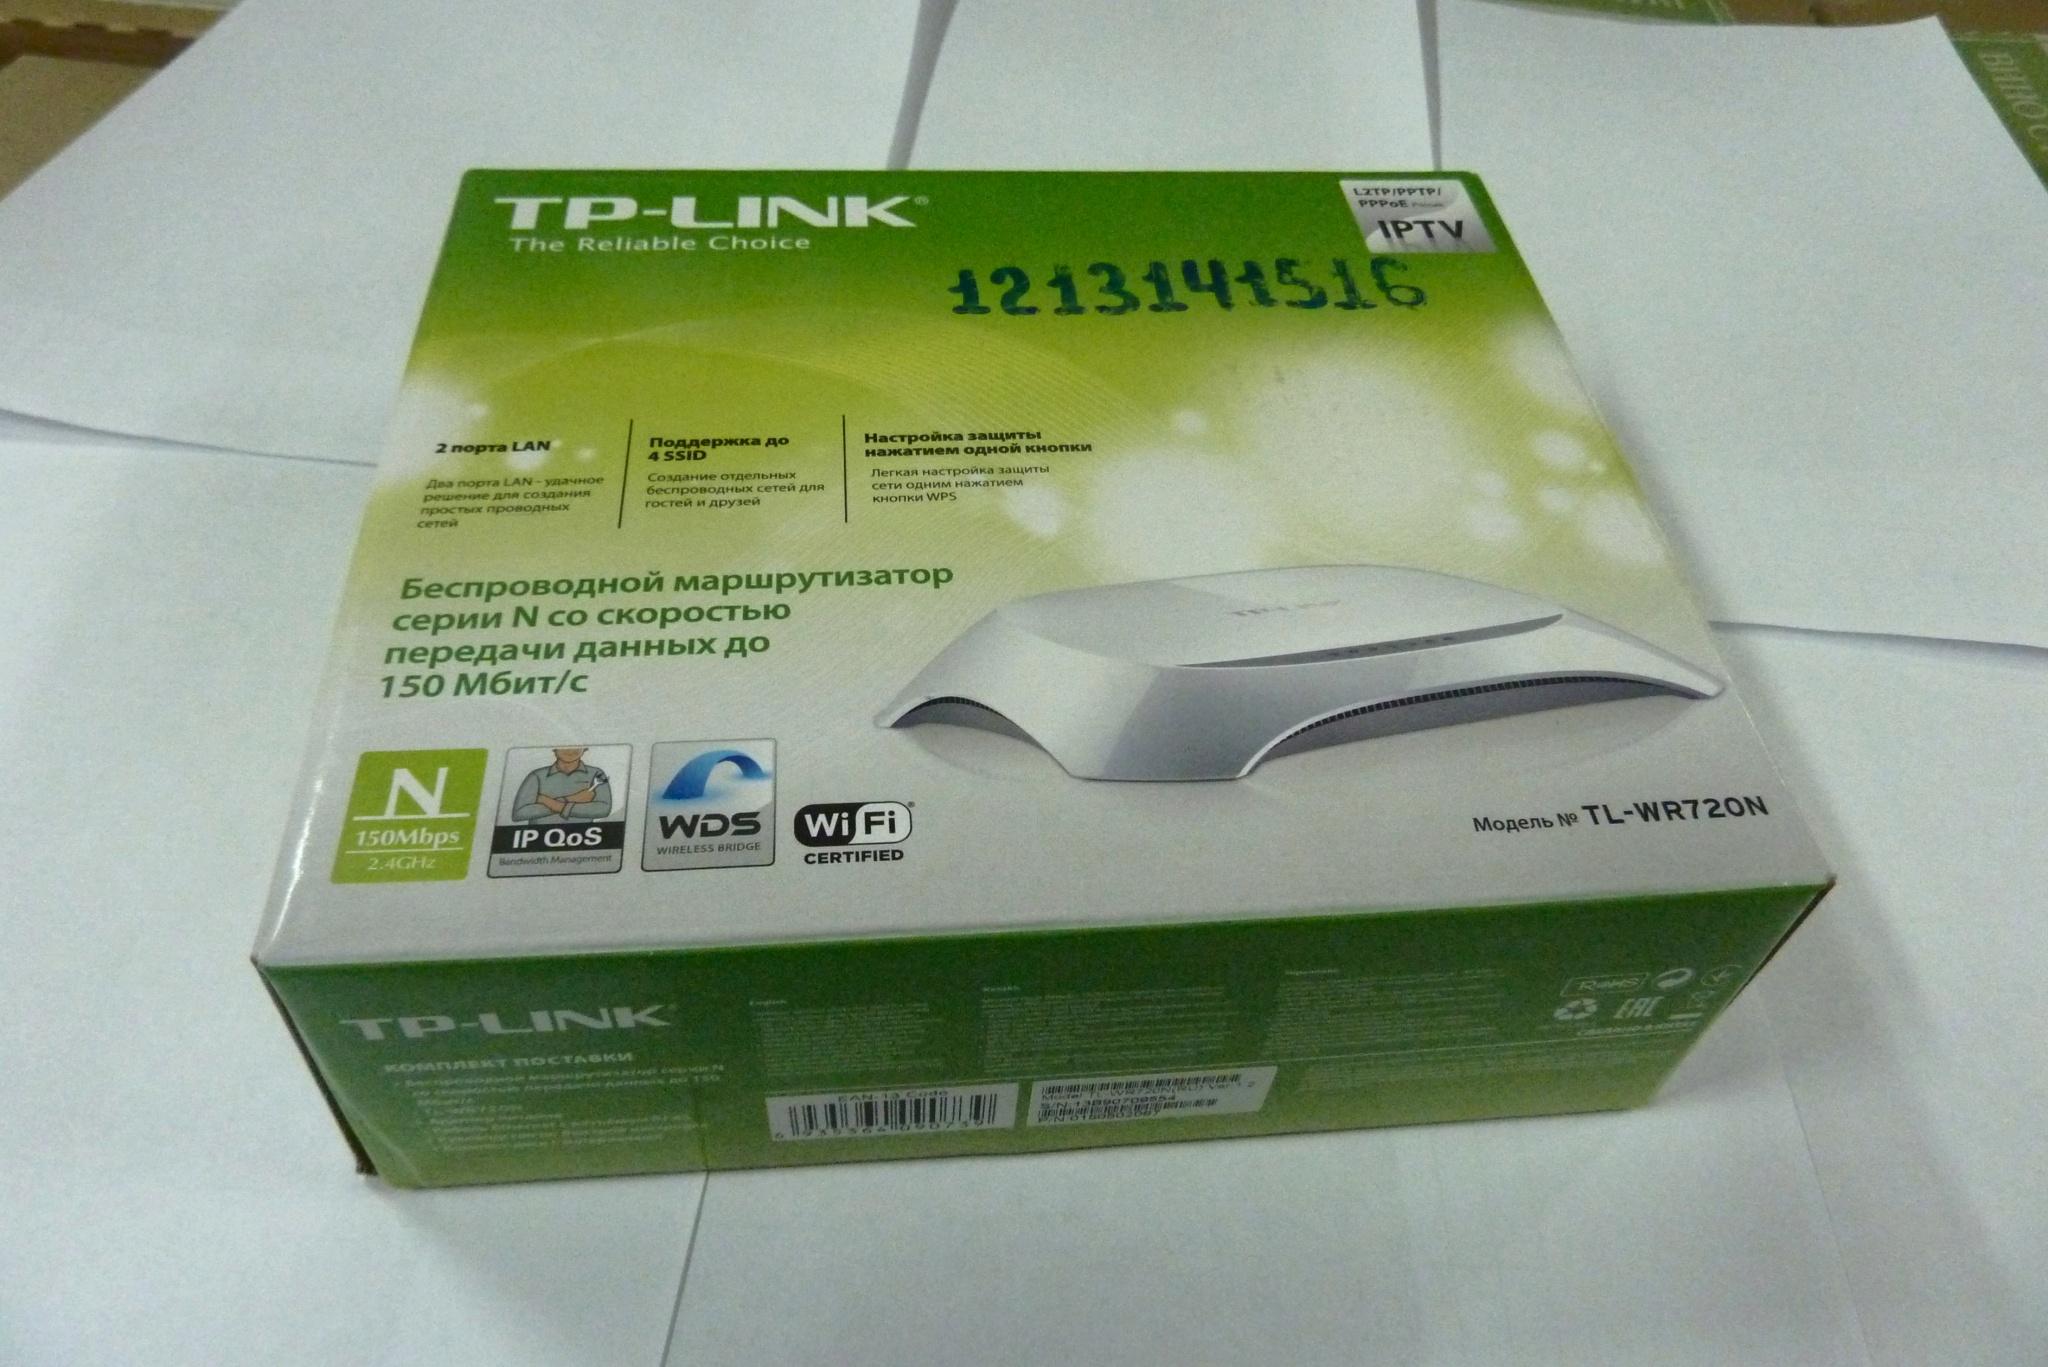 Обзор от покупателя на WiFi роутер (маршрутизатор) TP-LINK TL-WR720N